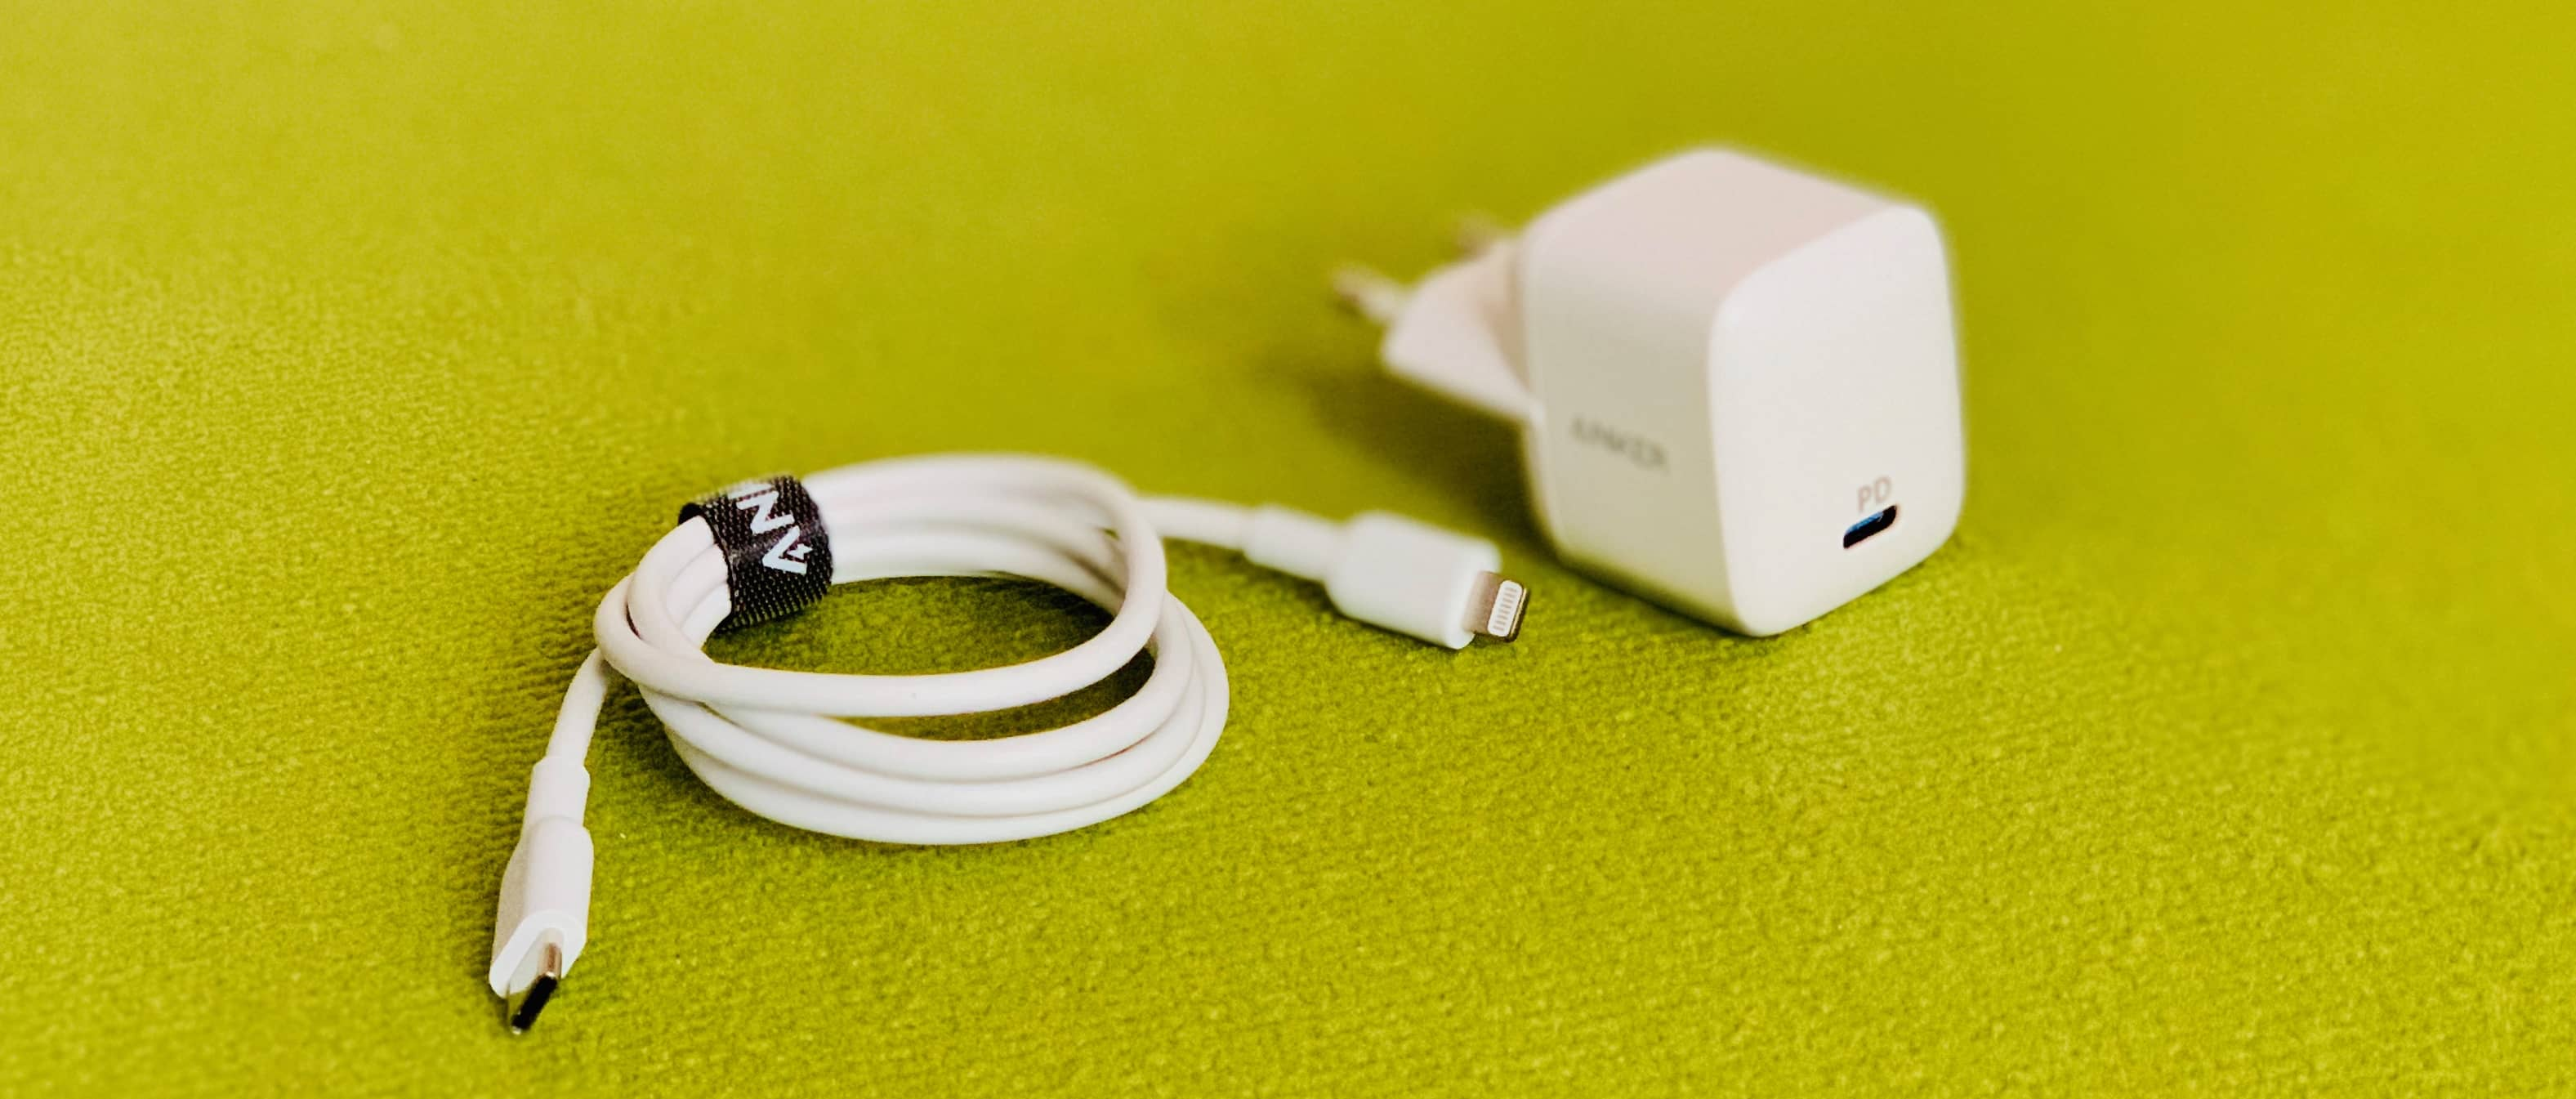 Anker PowerPort Atom PD 1 - das winzige 30 Watt USB-C Ladegerät 4